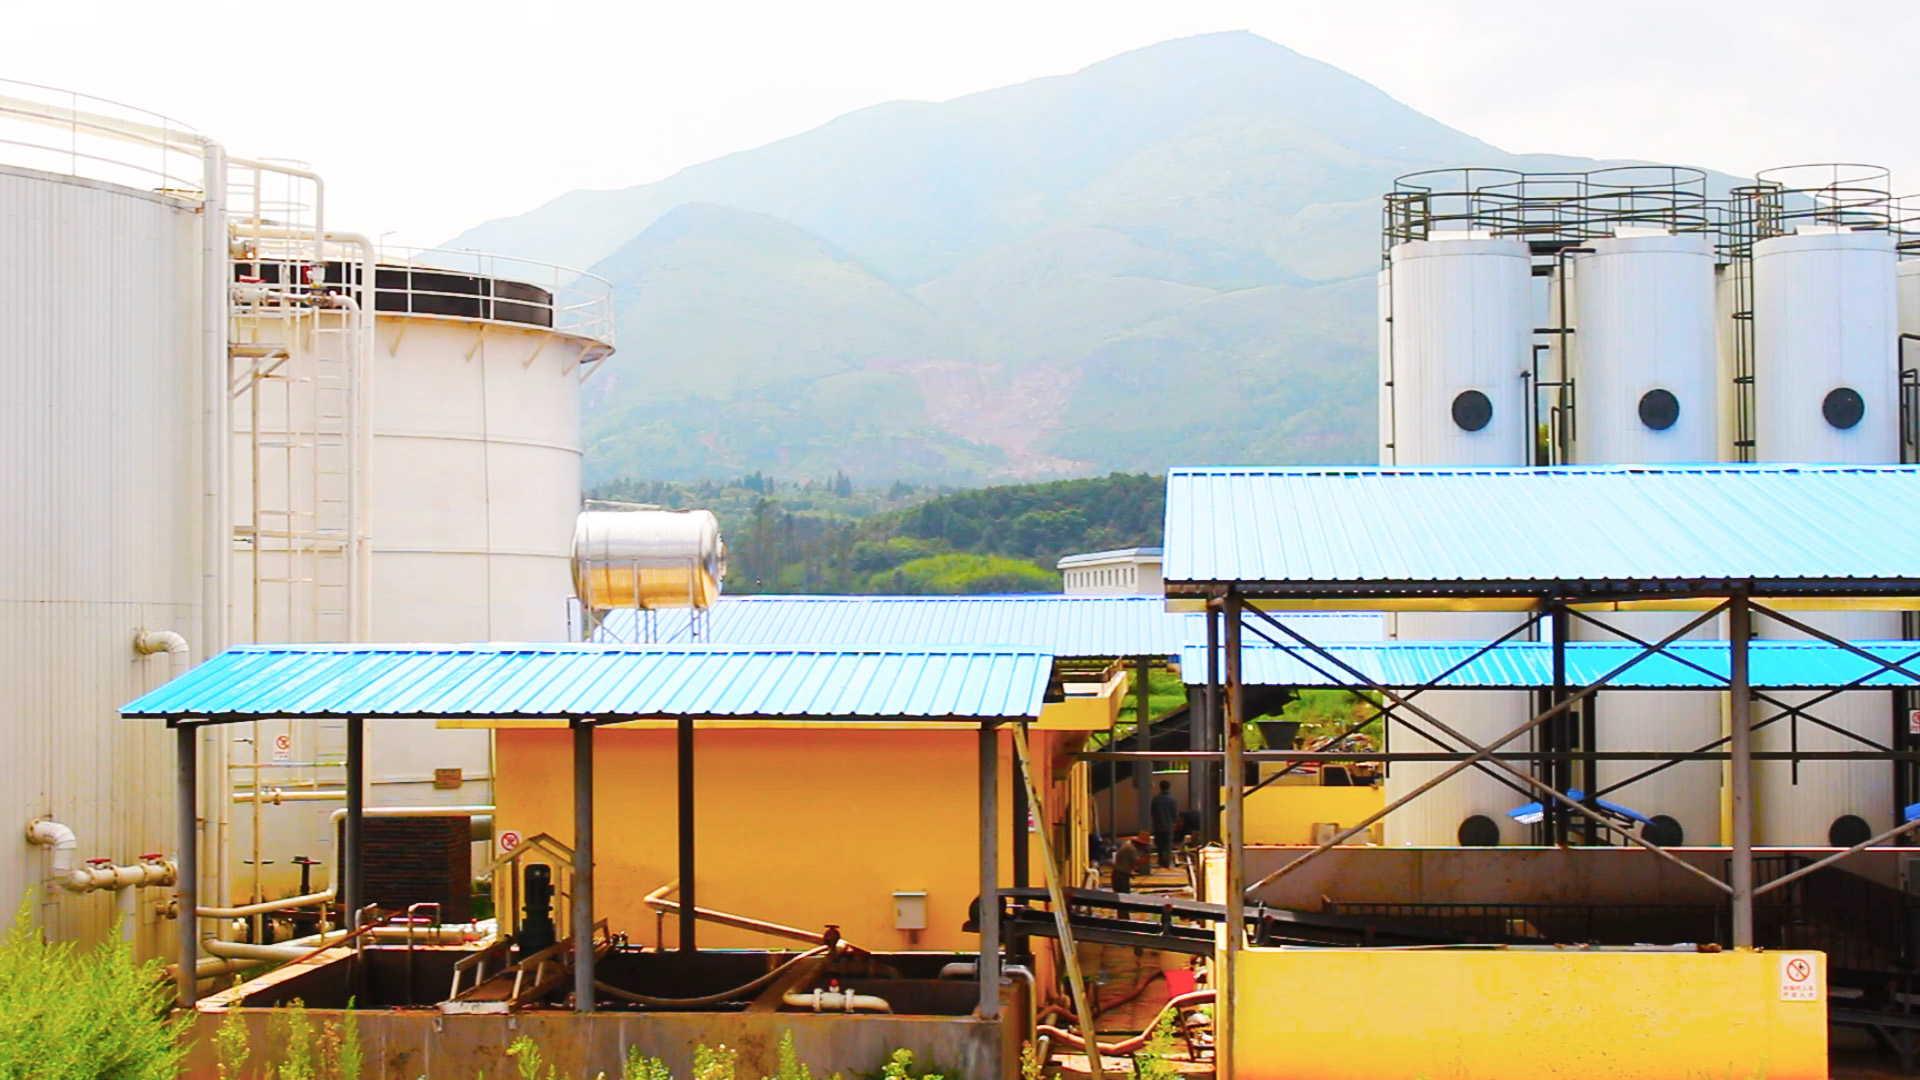 嵩明县蔬菜废弃物资源化利用建设项目一期工程